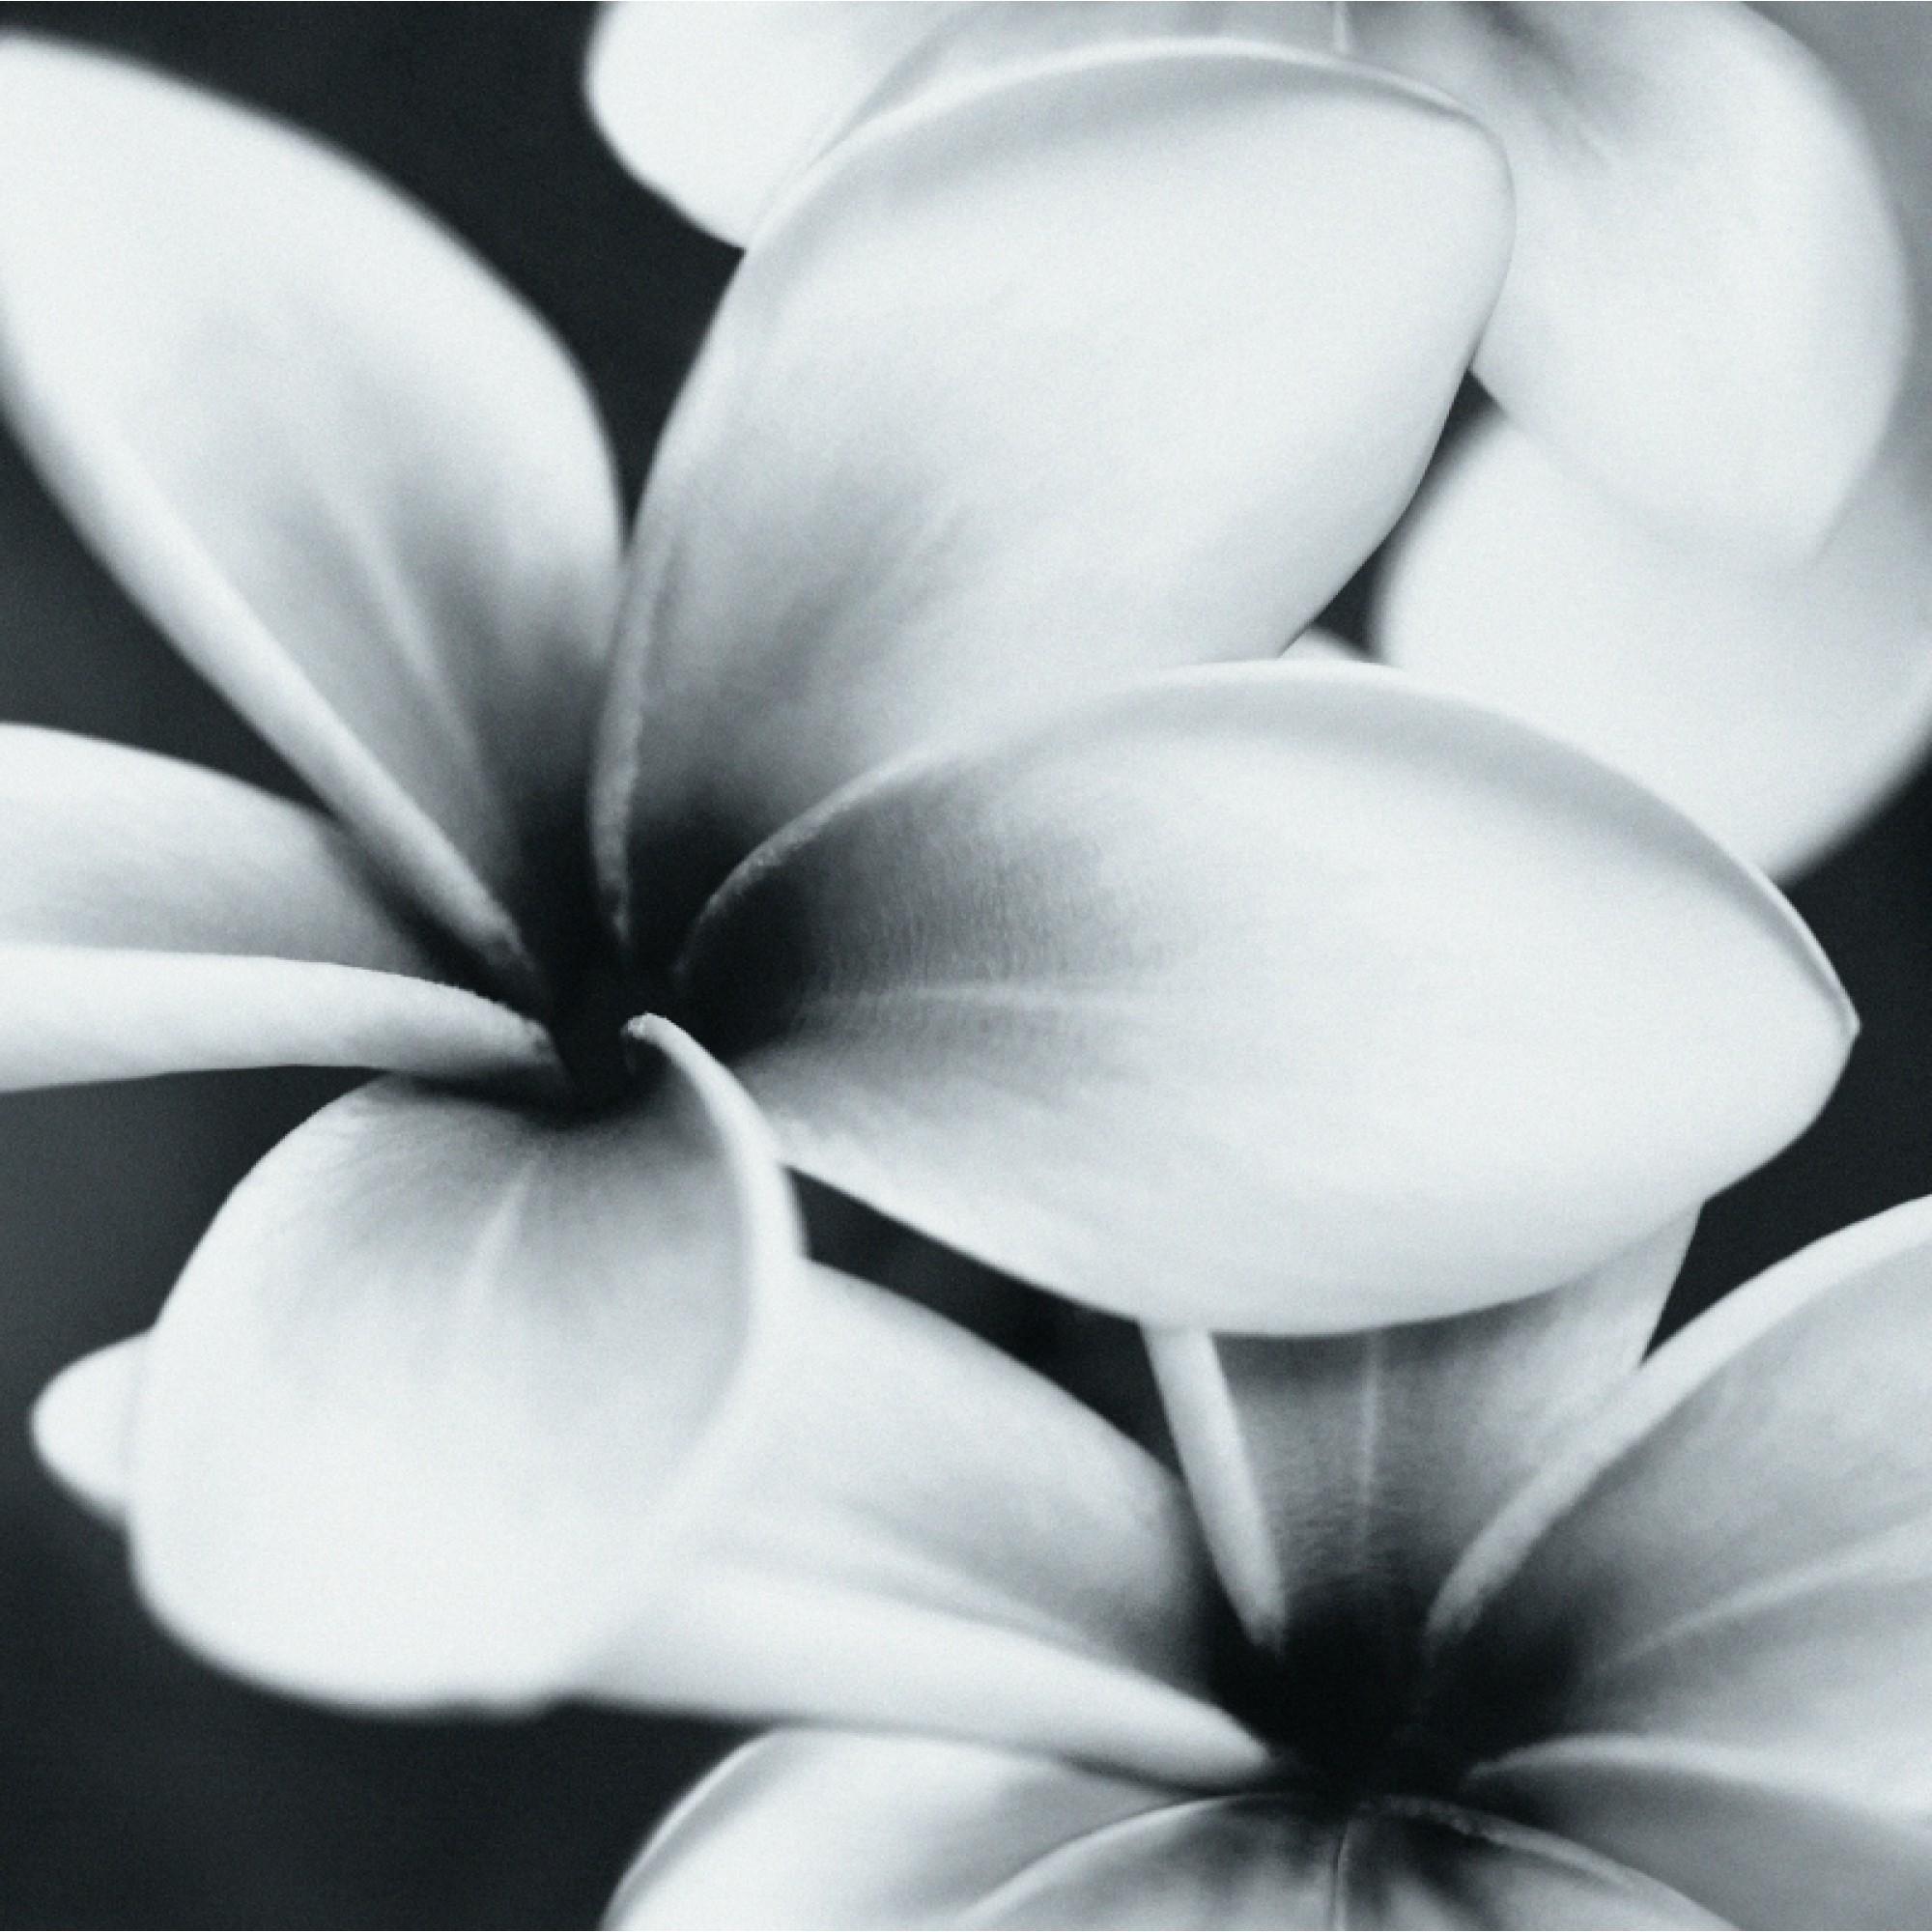 красивые черно-белые открытки высокого разрешения избежать ряби